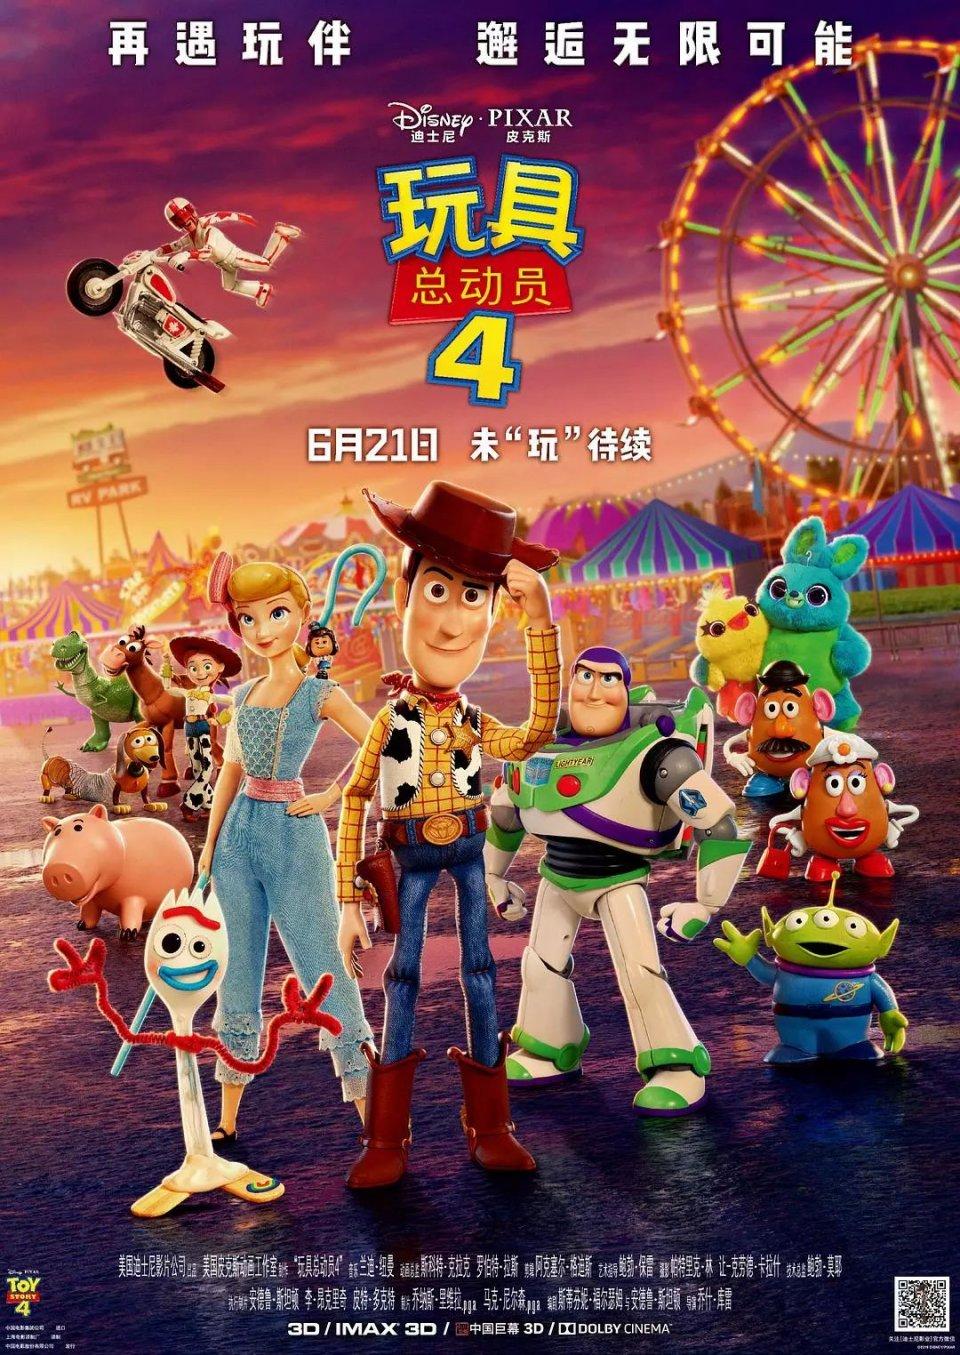 《玩具总动员4》再努力,中国观众还是偏爱宫崎骏_娱乐